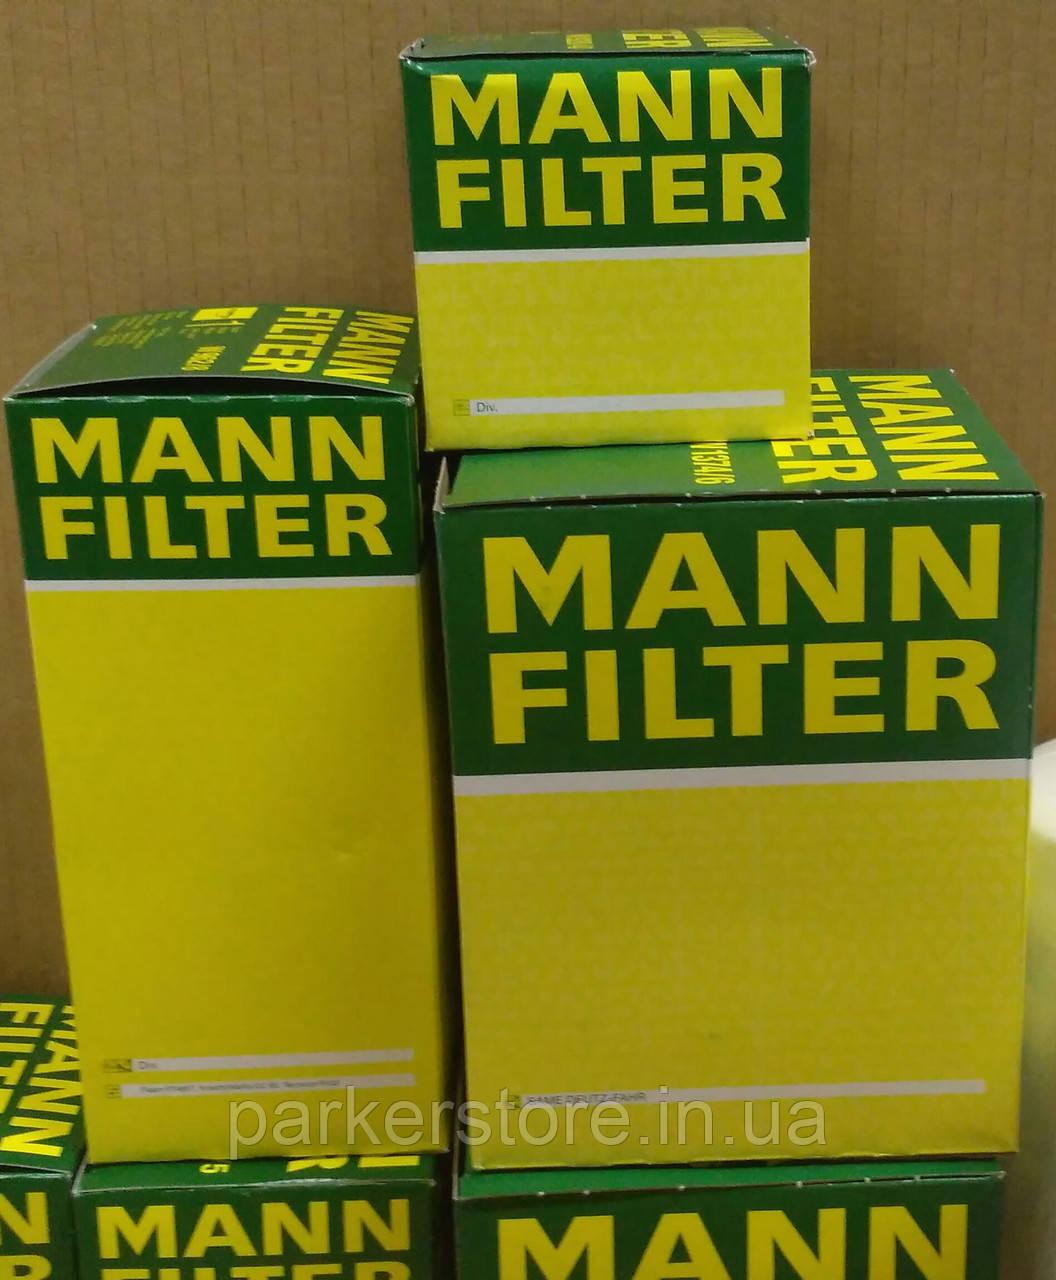 MANN FILTER / Повітряний фільтр / C 30 1500 / C301500